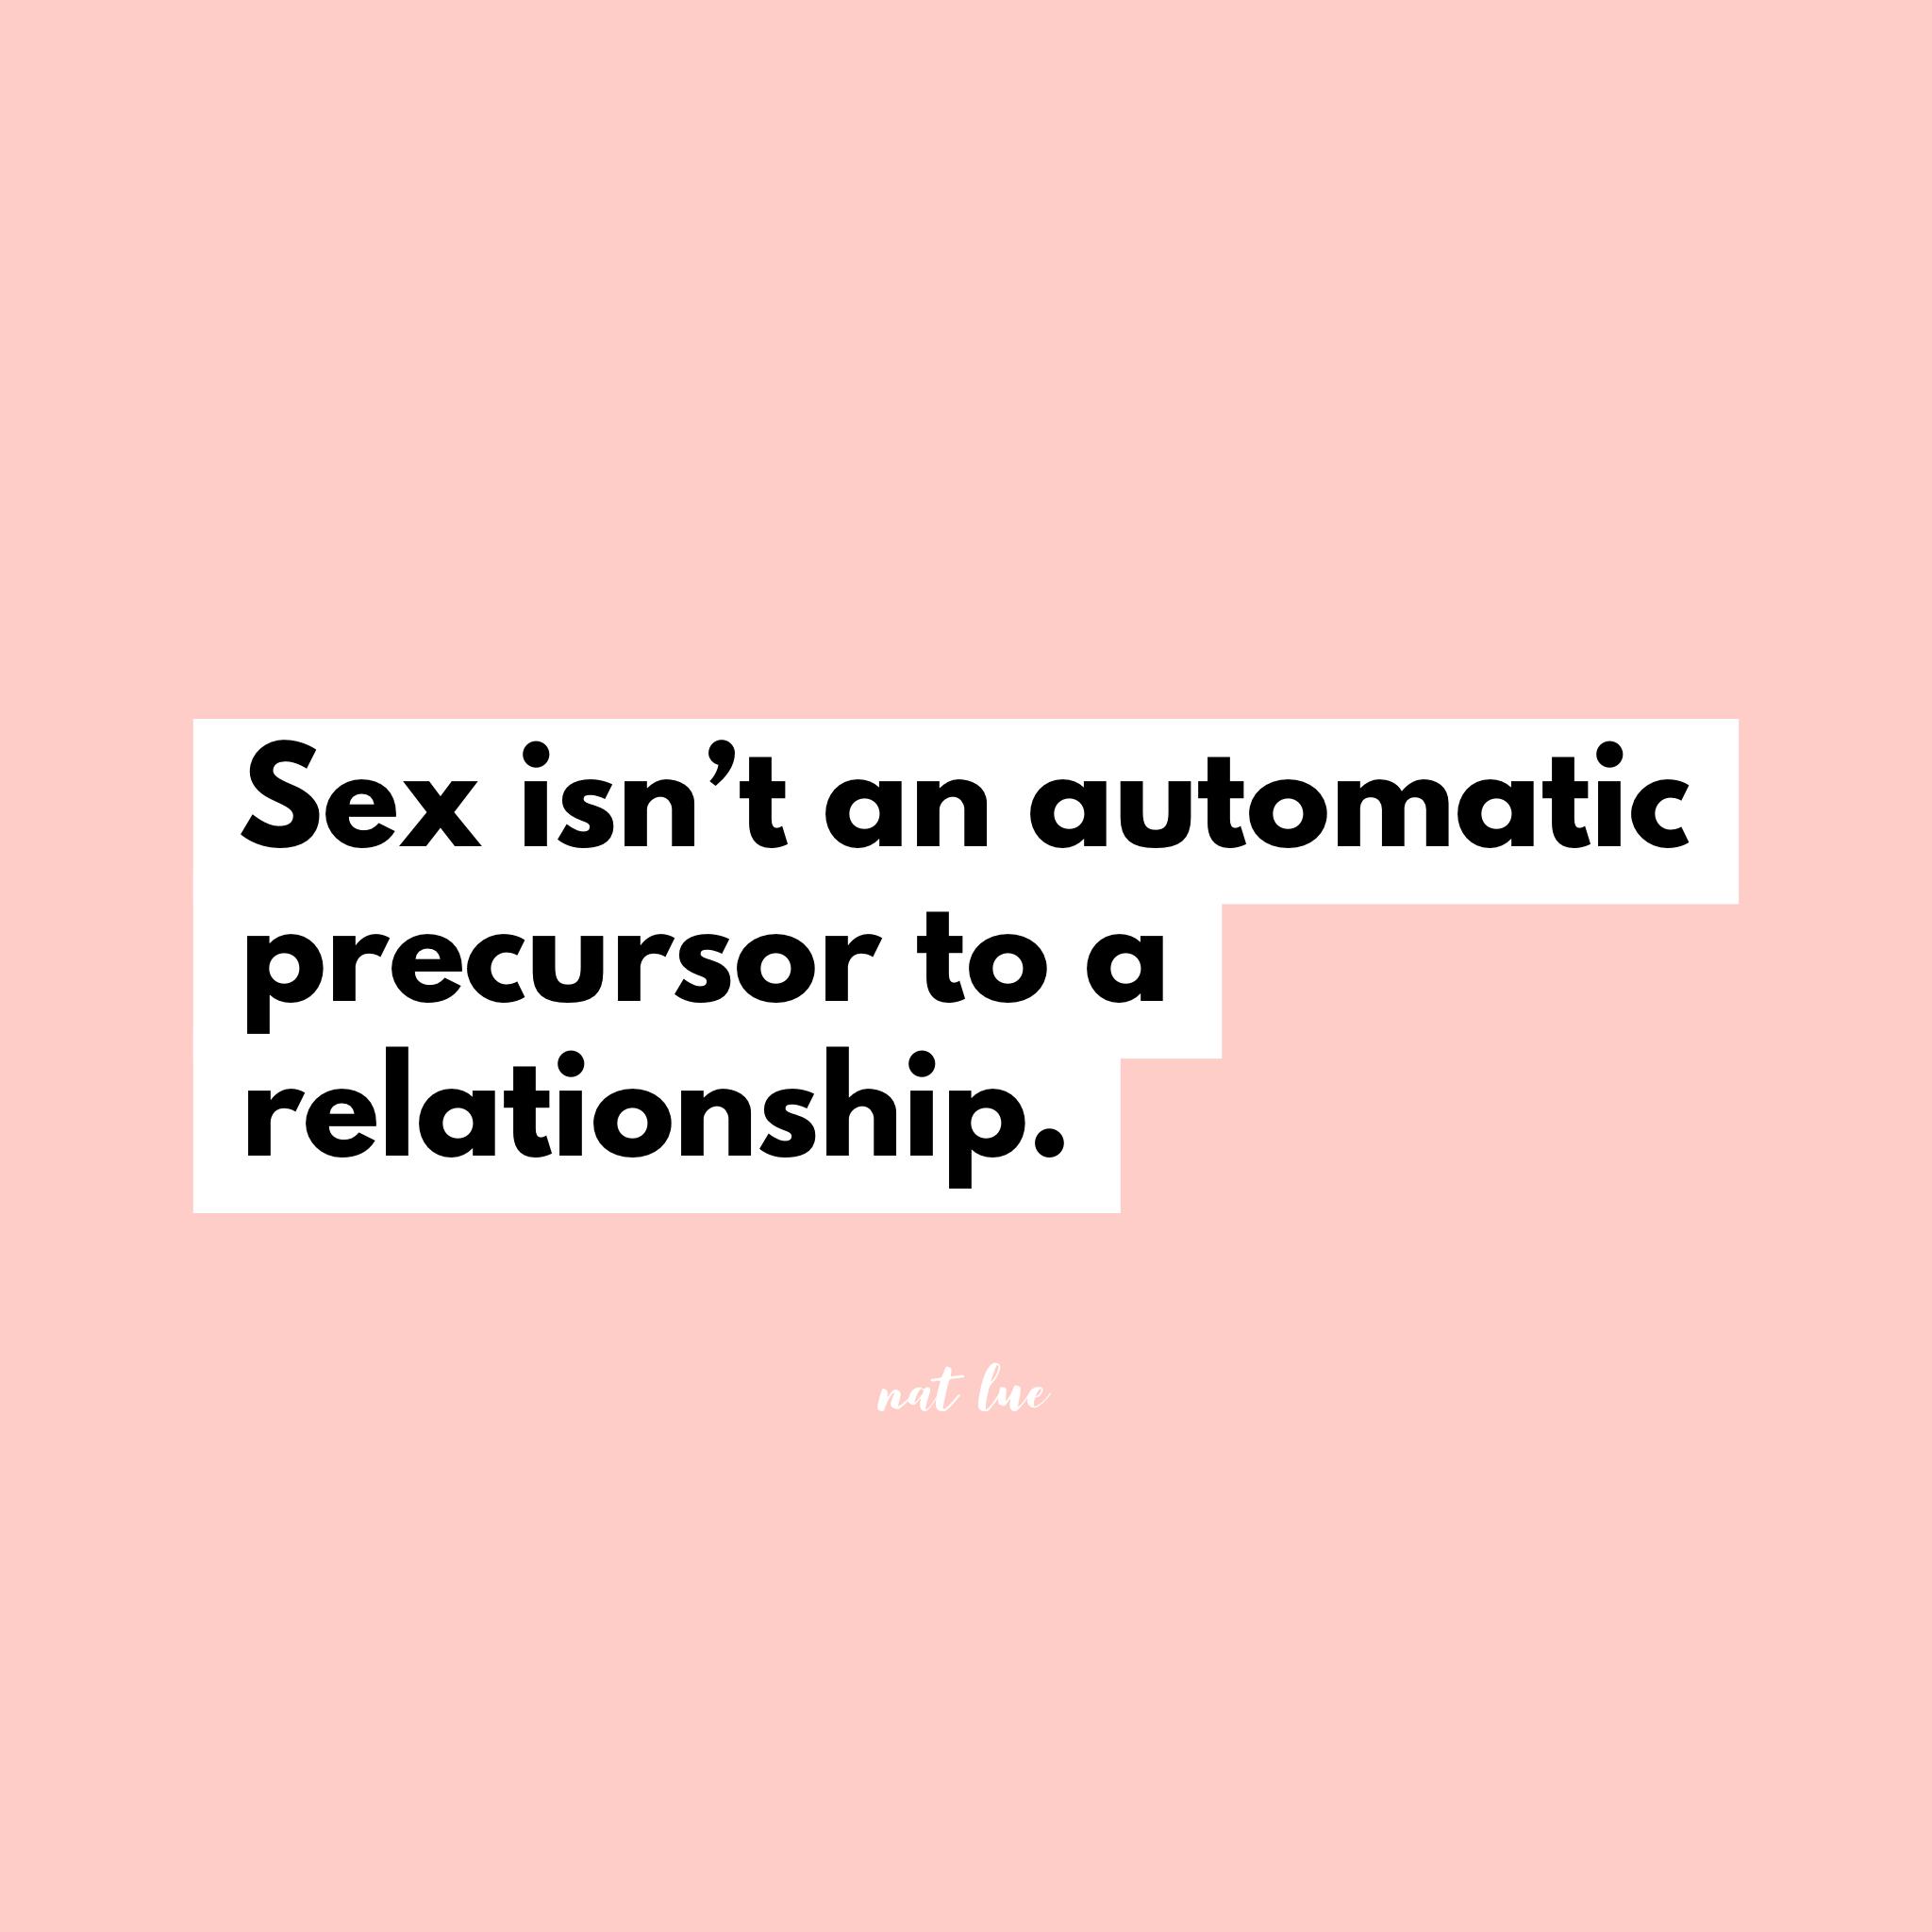 Gerageral2019 online dating